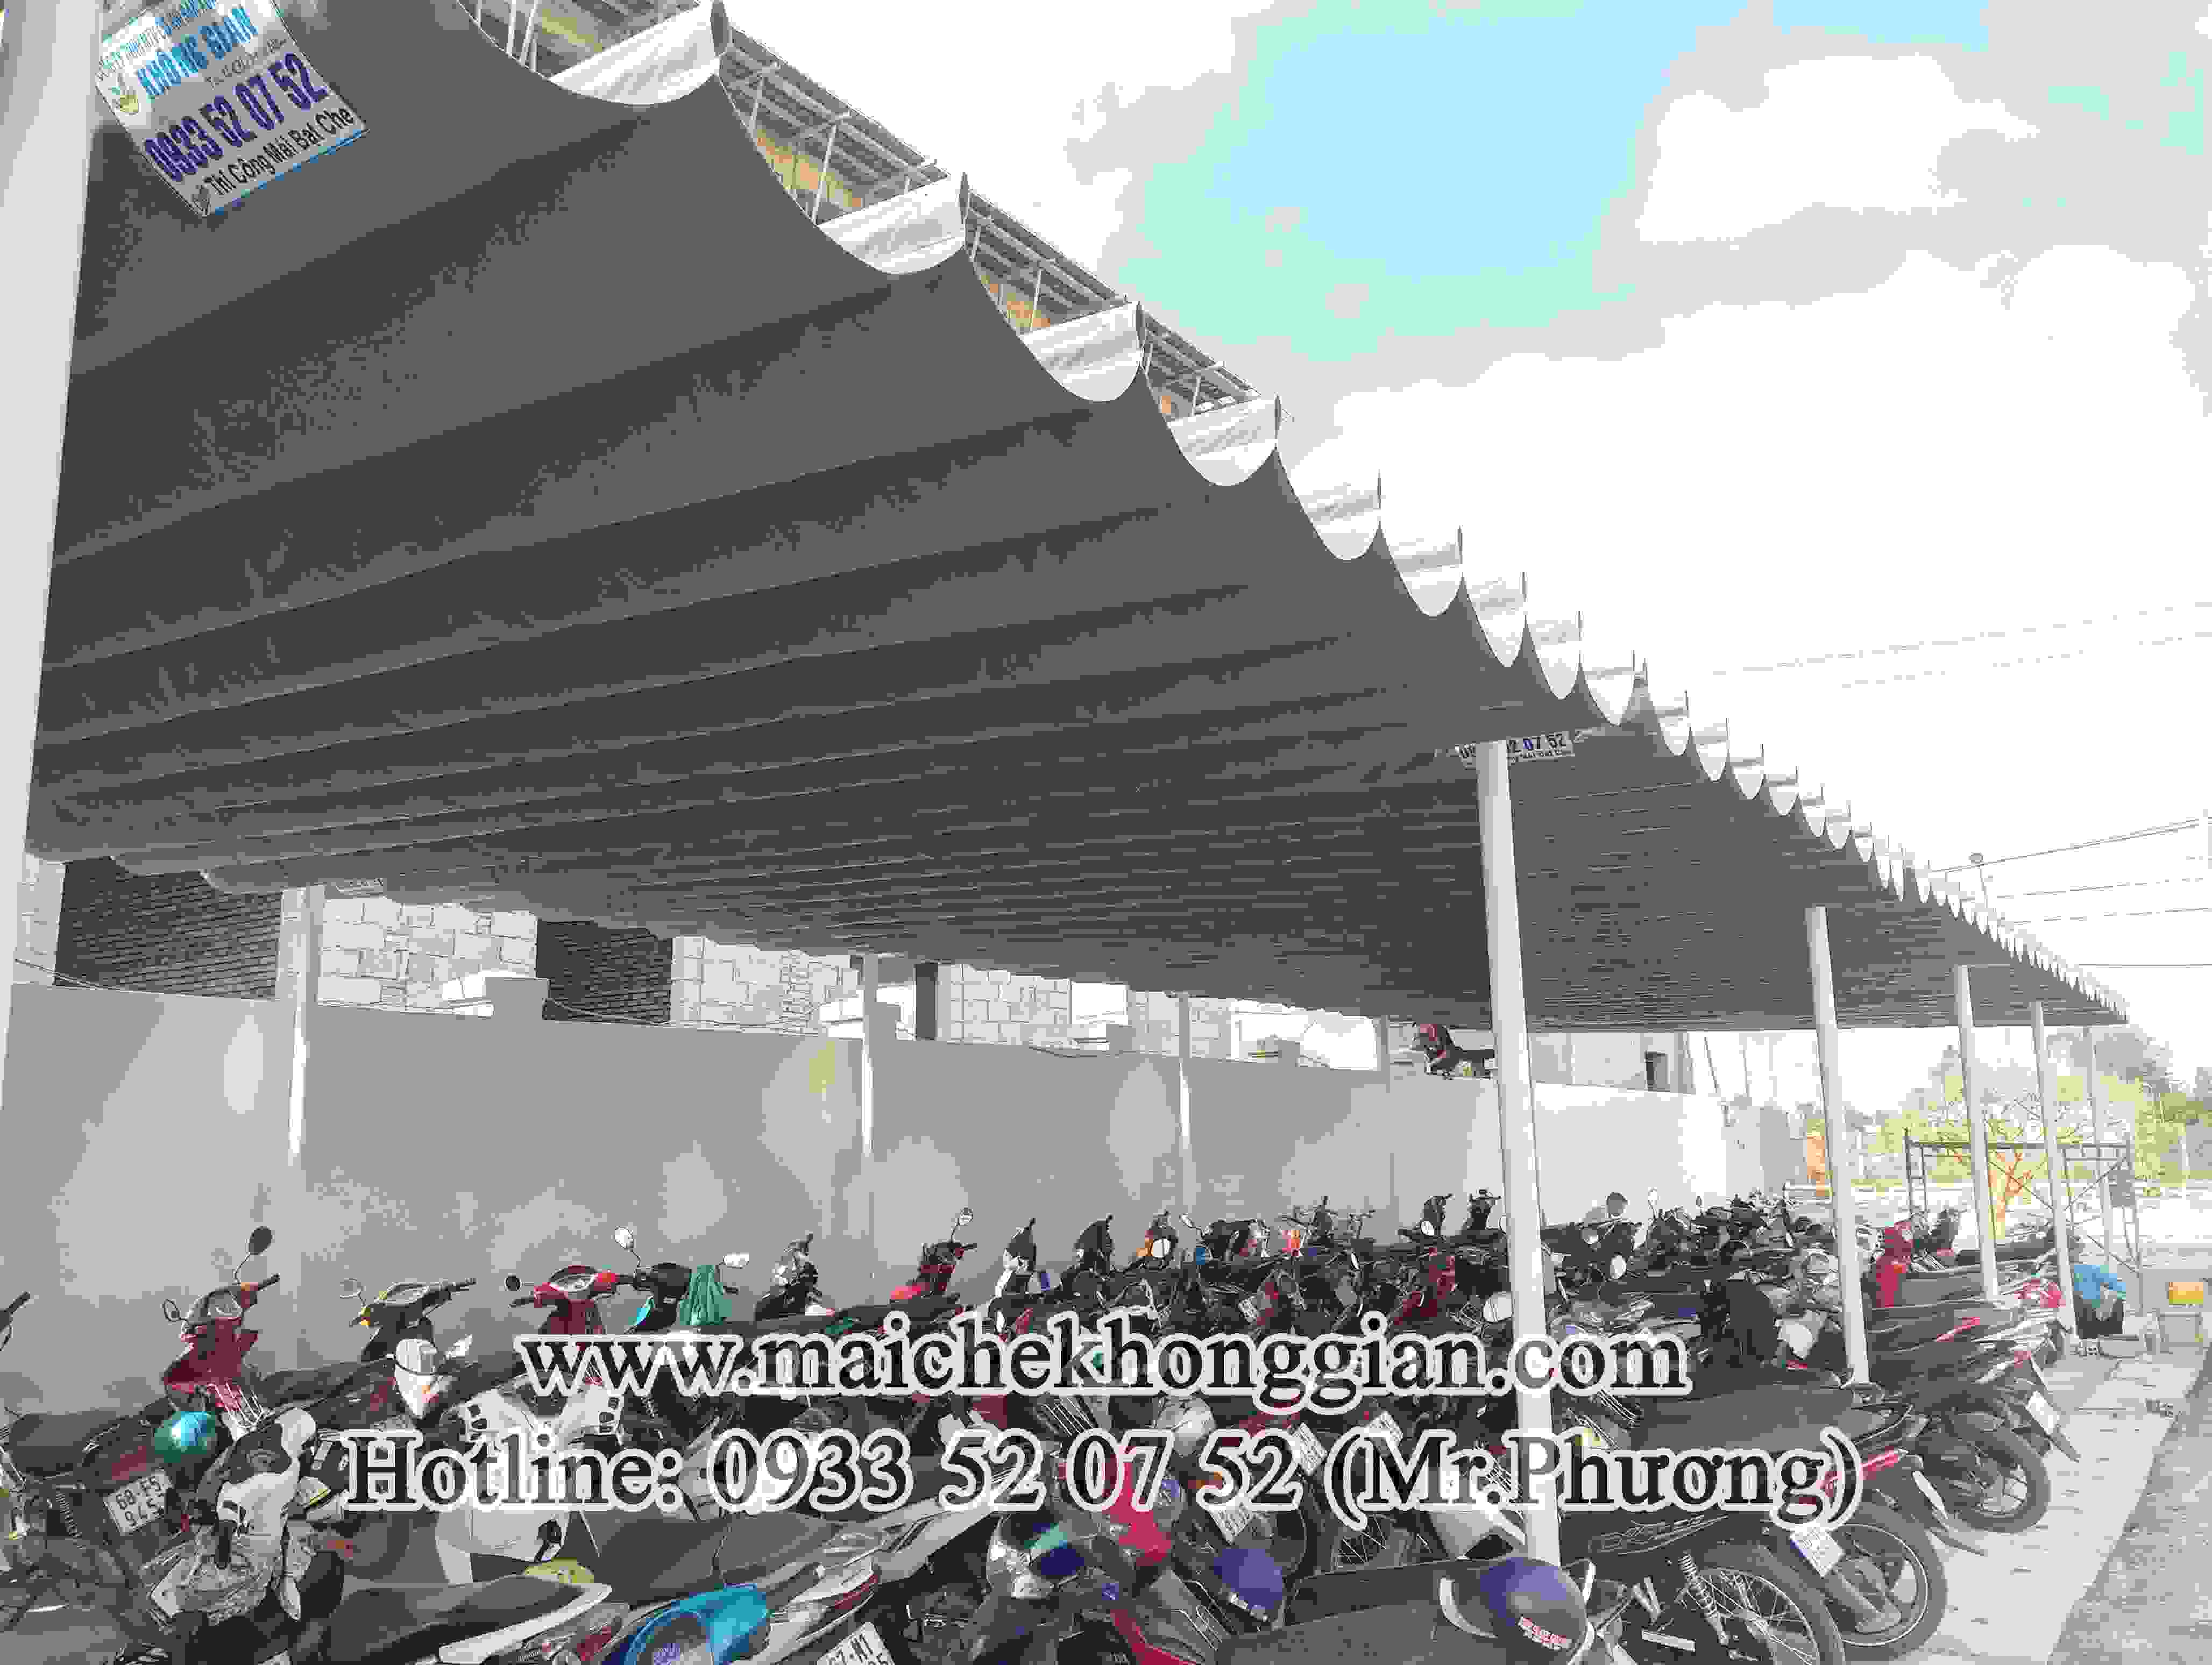 Mái Che Giữ Xe Thị Xã Ngã Bảy Hậu Giang